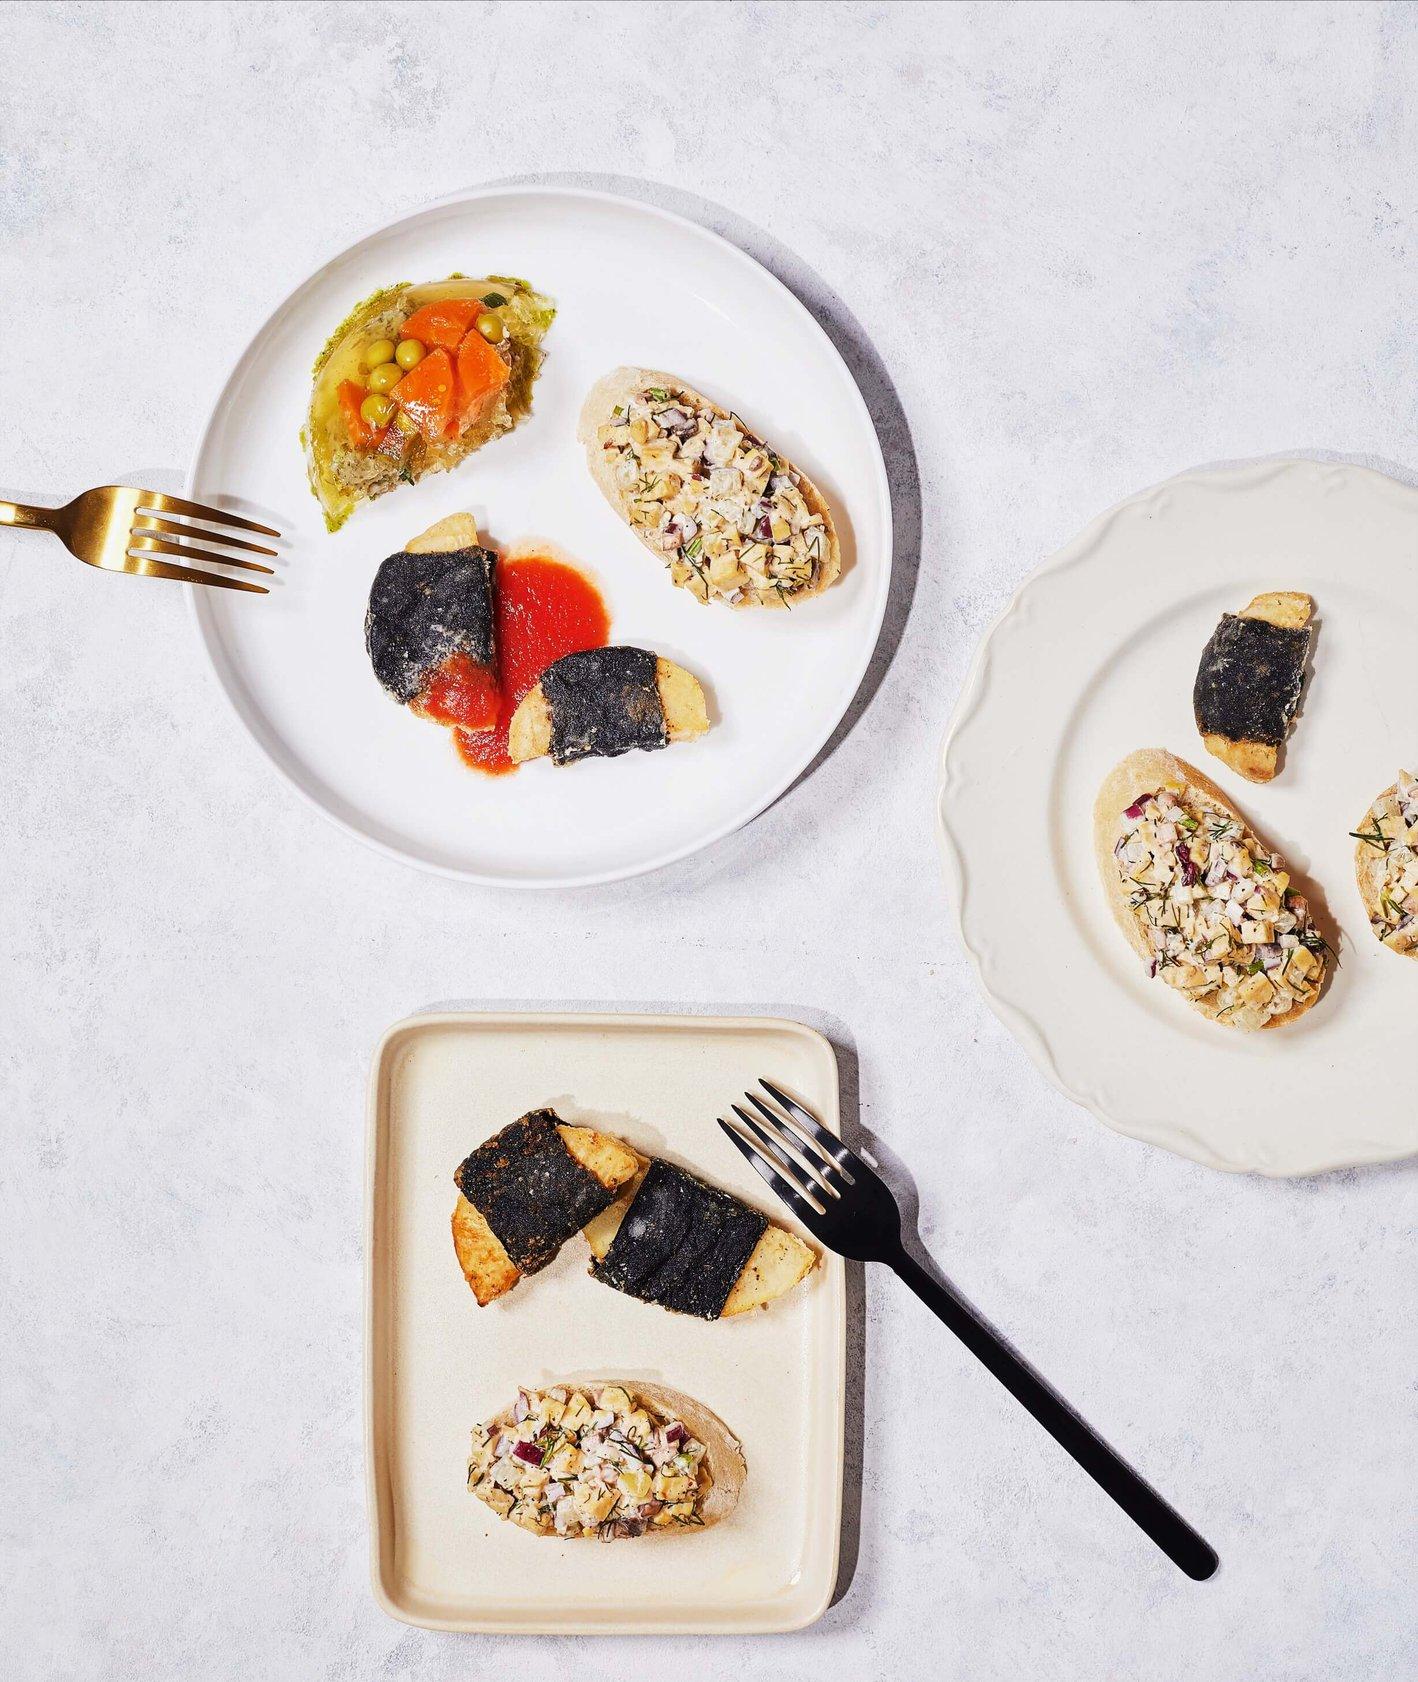 Dania rybne dla wegan? Z tymi przepisami ich przygotowanie będzie proste, a dania będą smaczne (fot. Maciek Niemojewski)